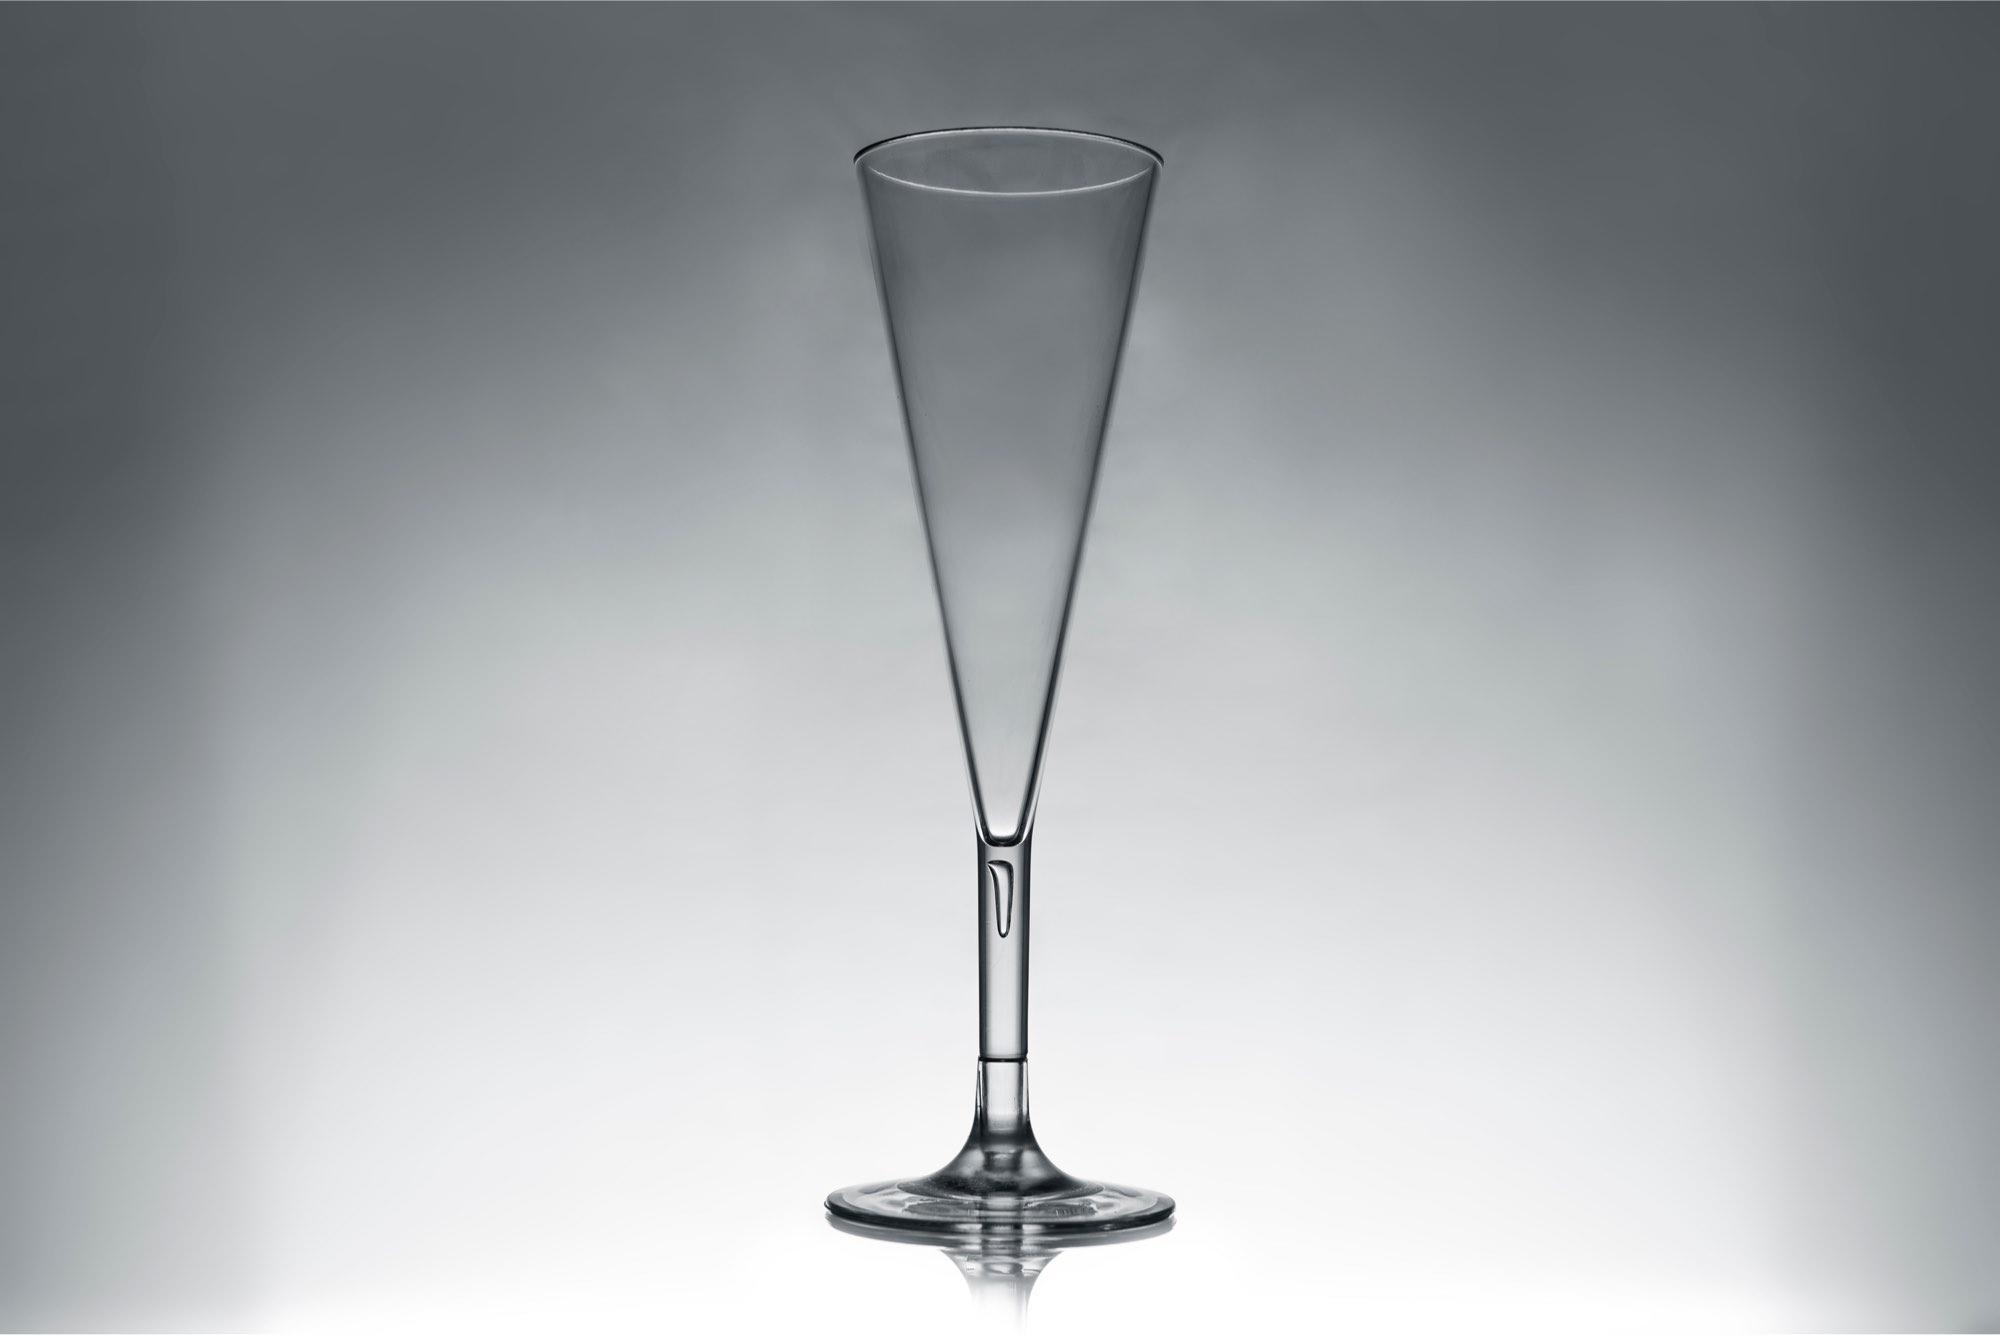 Venus műanyag pezsgős pohár